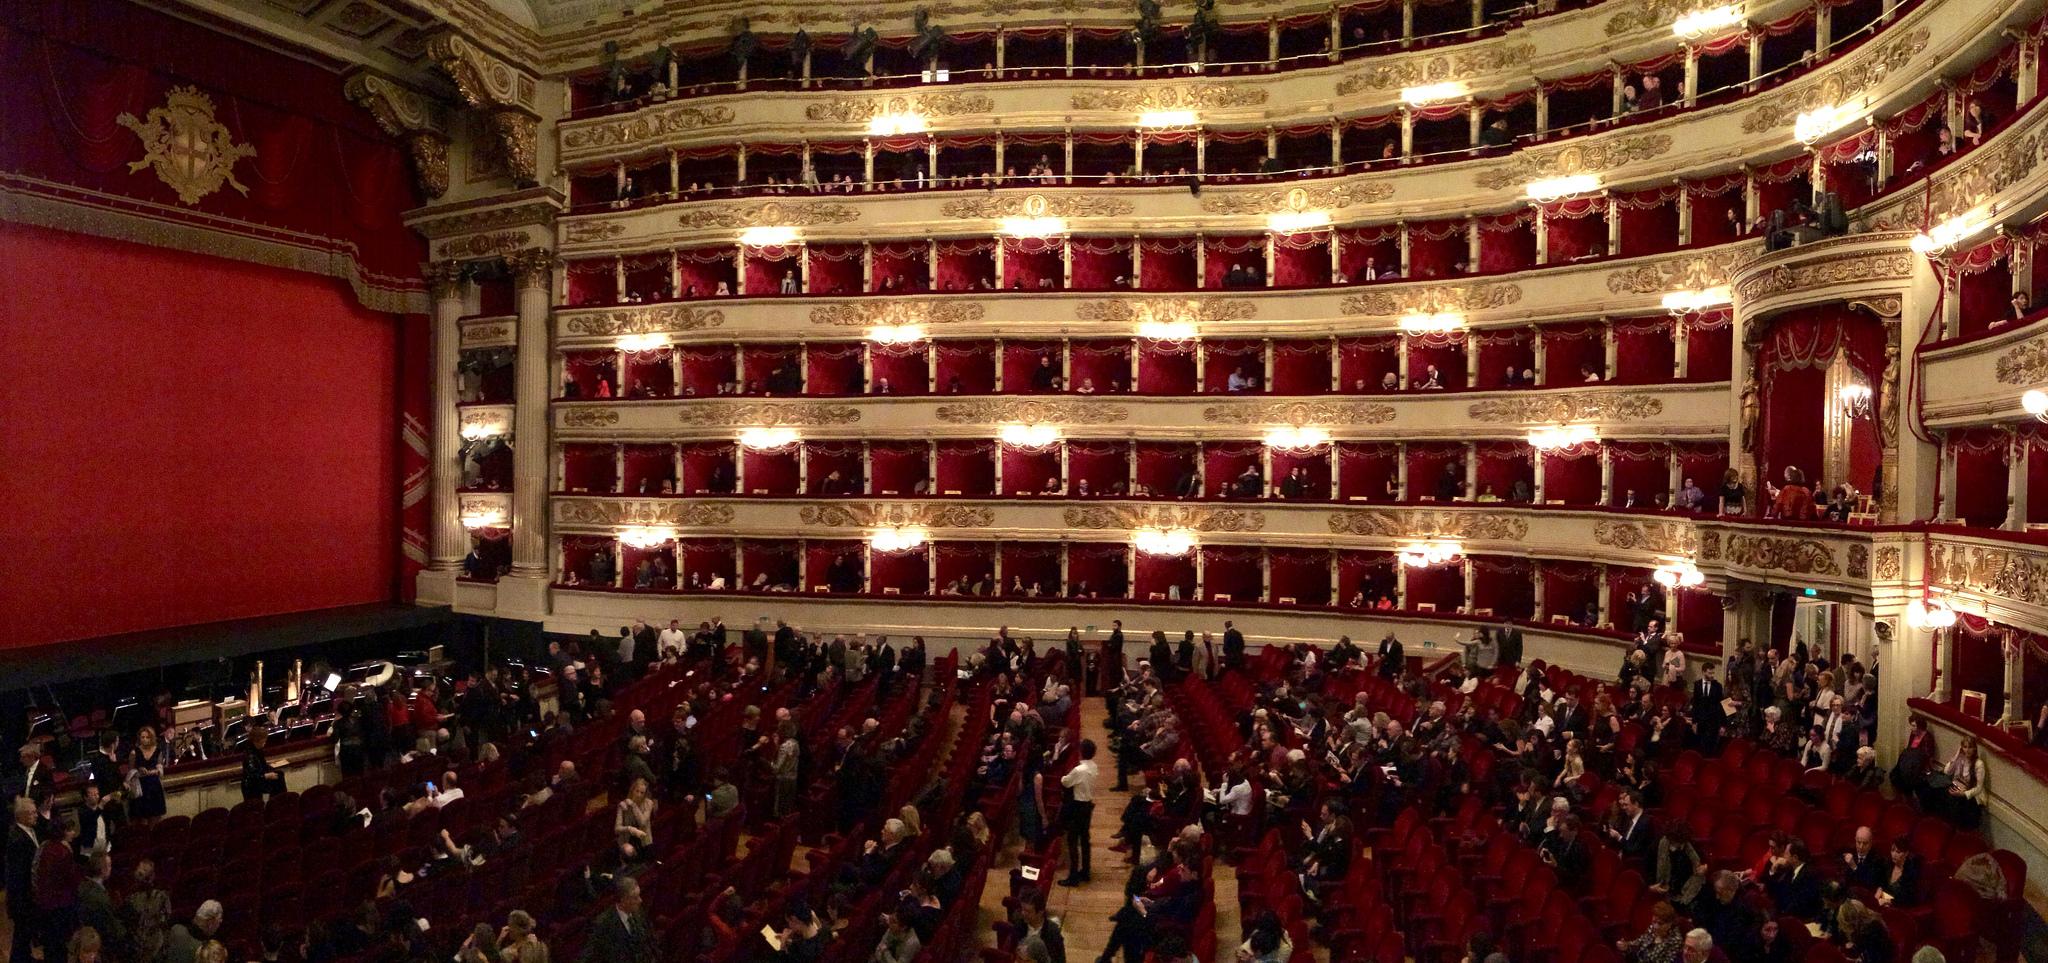 Il Teatro alla Scala e Makno: ricerca sull'immagine del teatro - Makno